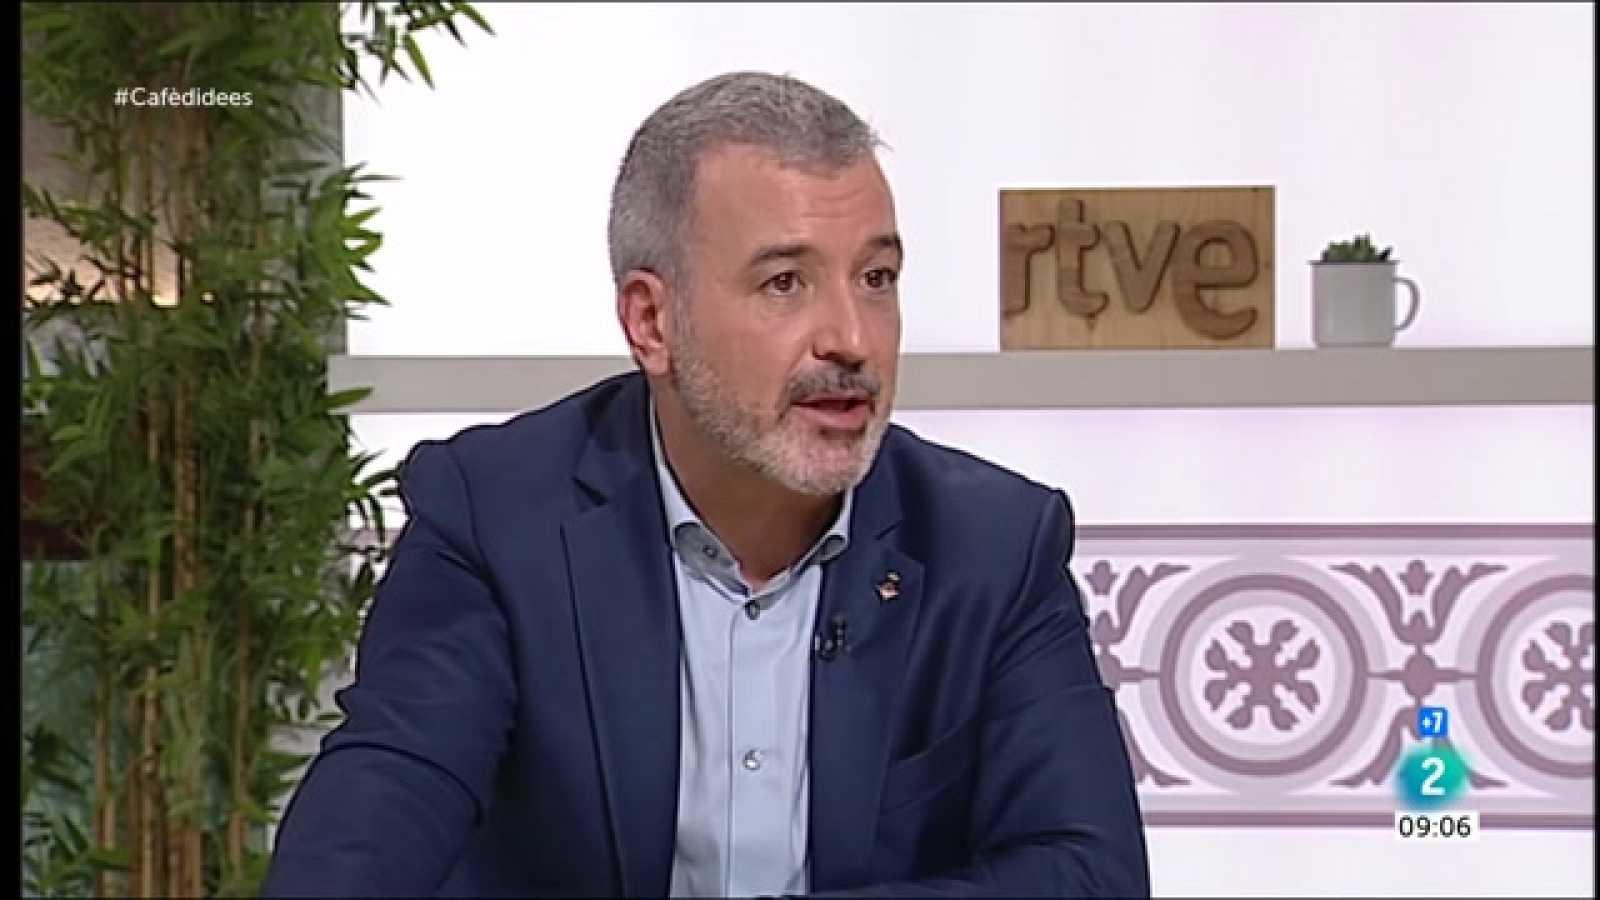 """Cafè d'idees - Jaume Collboni: """"La fortalesa de l'Estat de Dret també es demostra donant indults"""""""